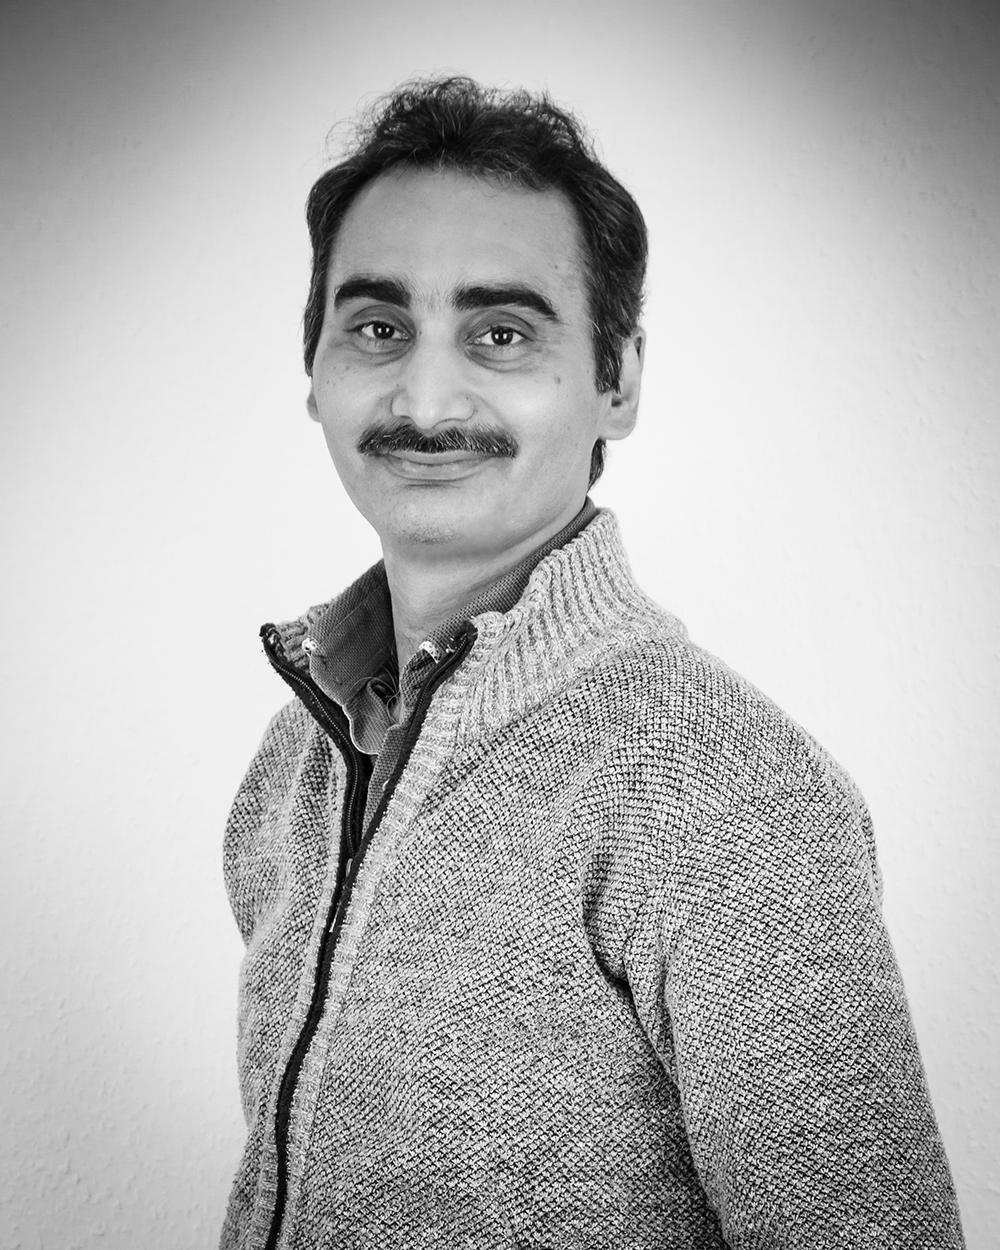 Zeeshan Rasheed